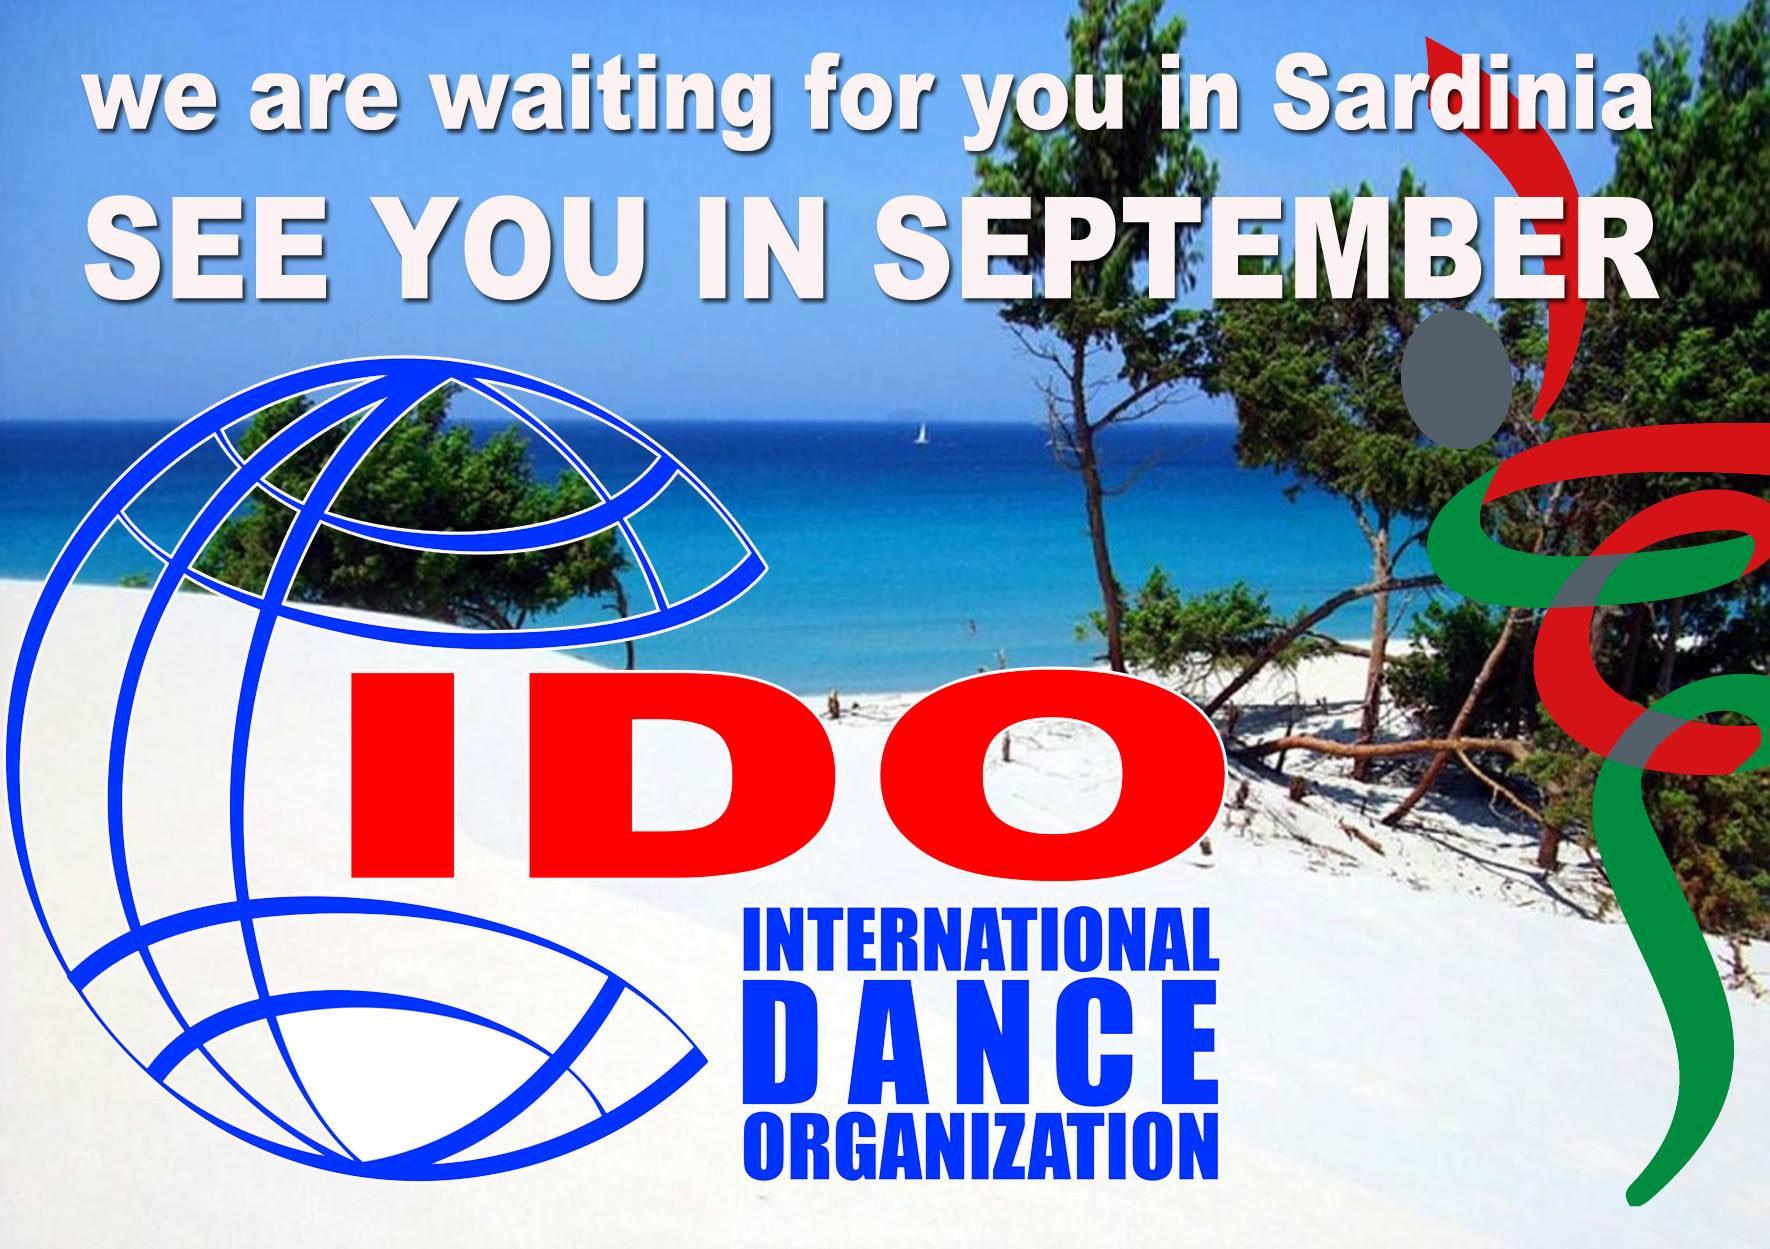 Gare internazionali IDO in Sardegna